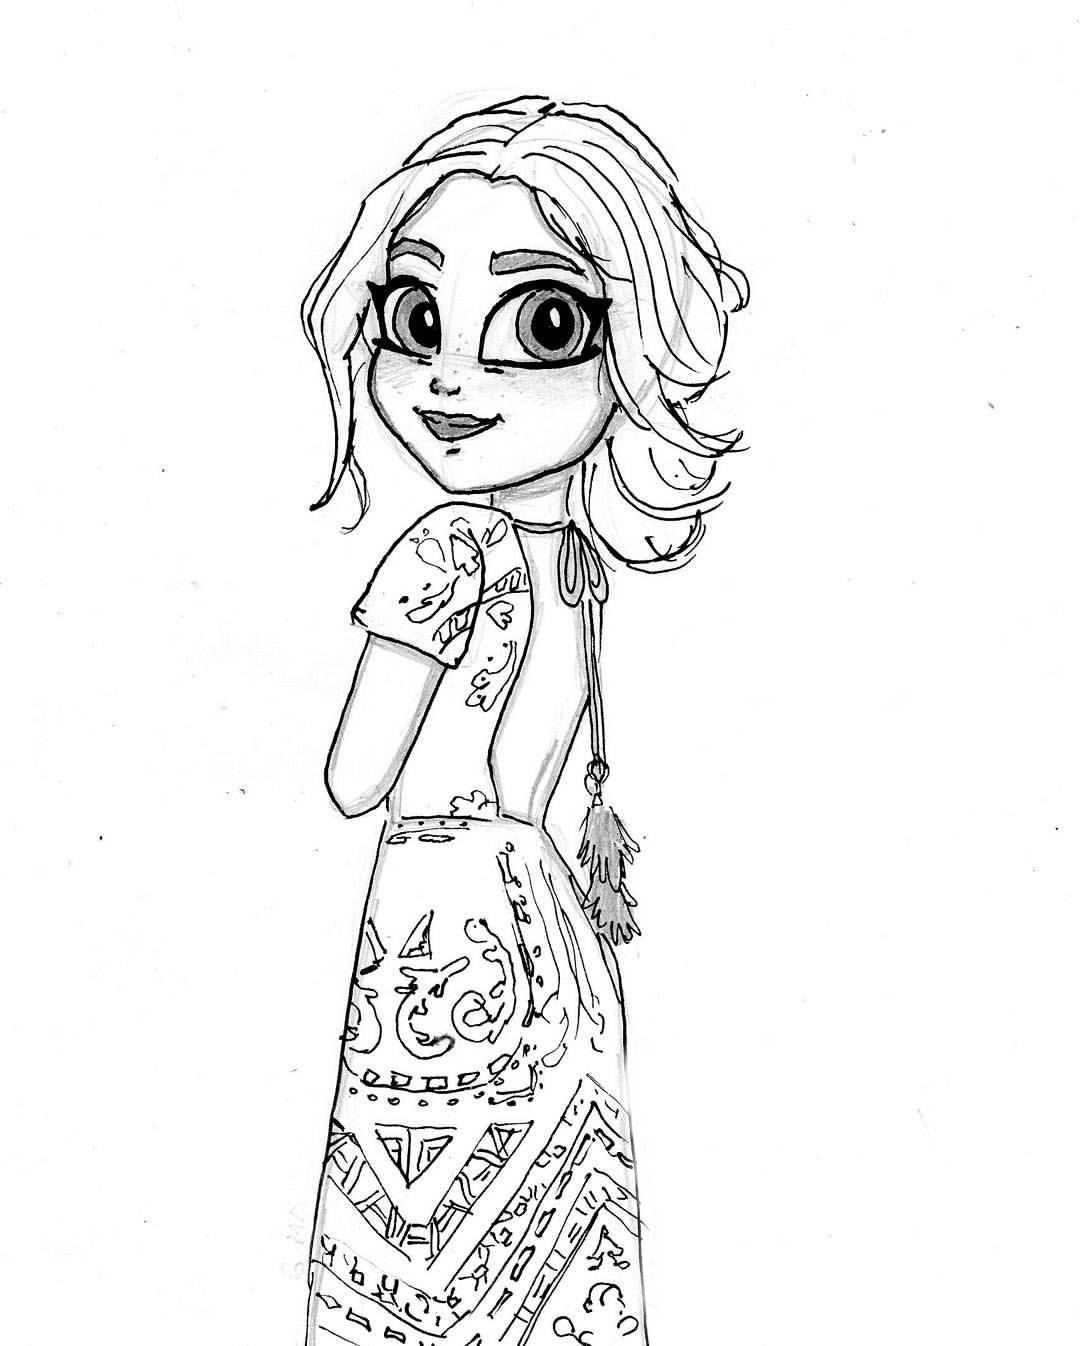 Ausmalbilder Soy Luna Malvorlagen Cartoon Zeichnungen Zeichenvorlagen